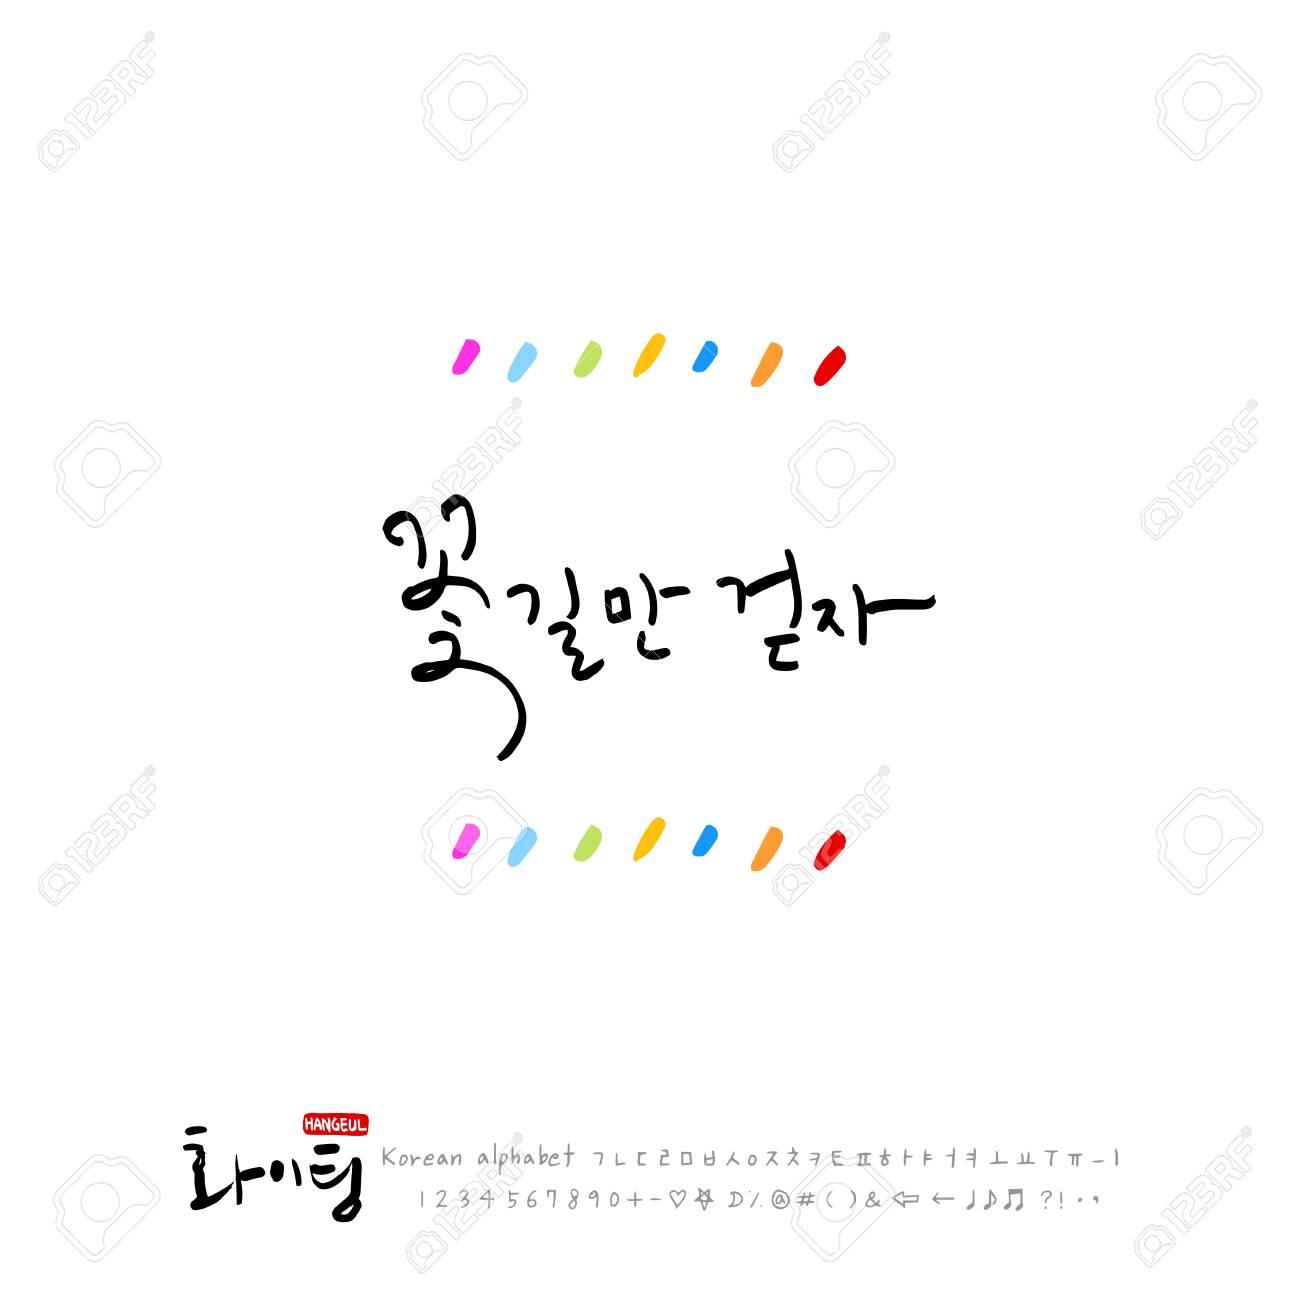 韓国 語 挨拶